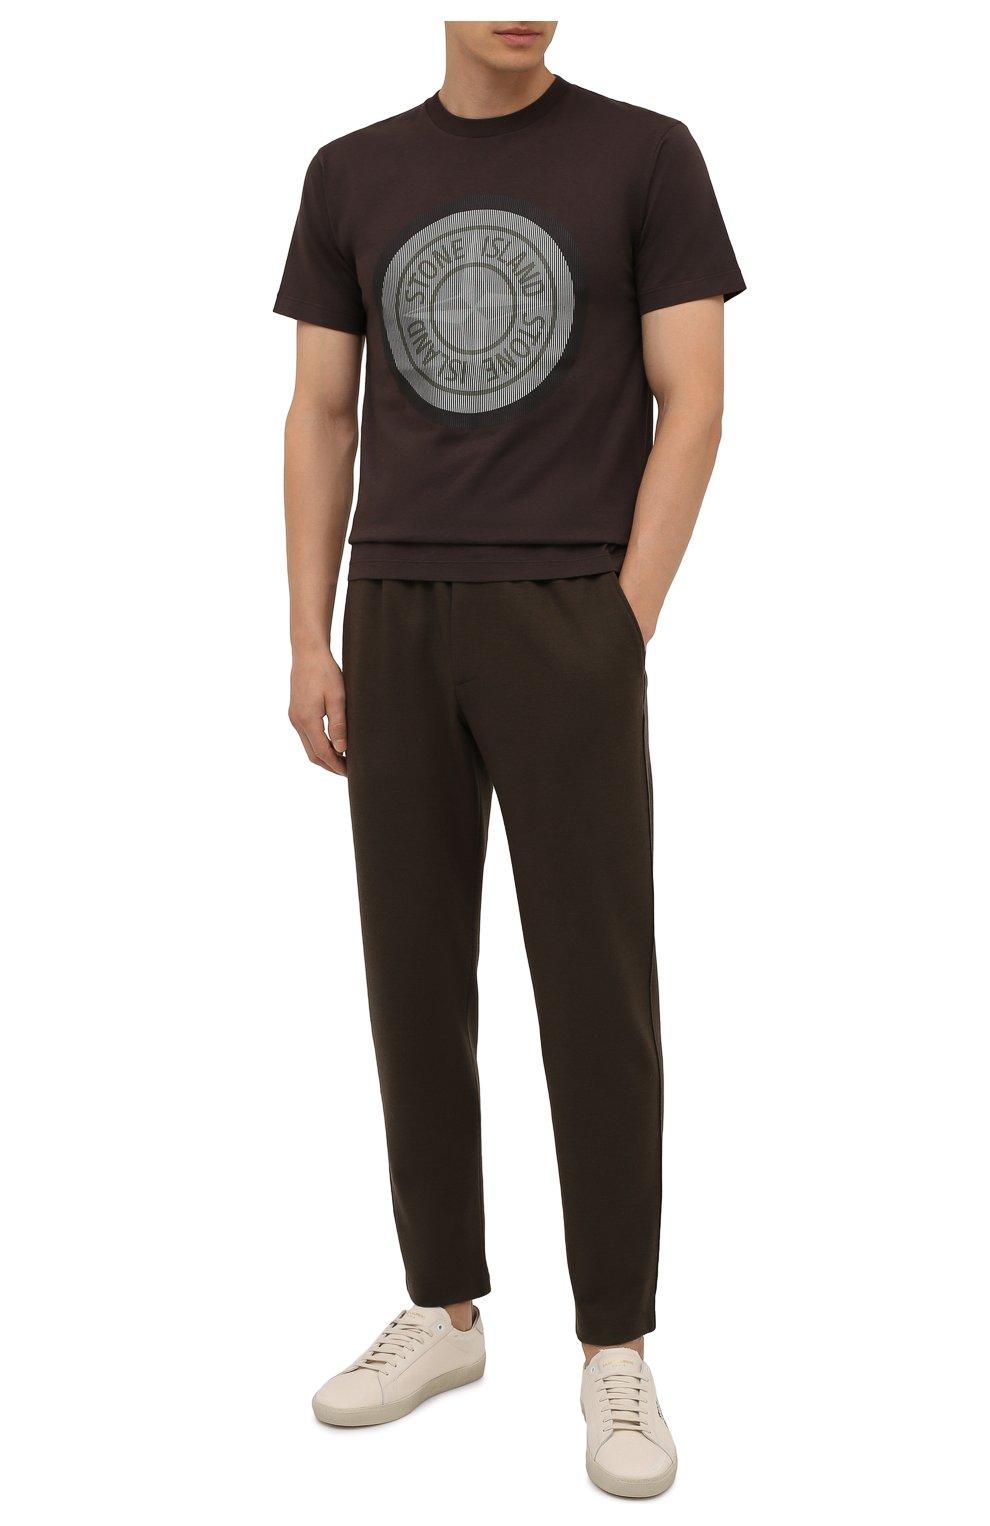 Мужская хлопковая футболка STONE ISLAND темно-коричневого цвета, арт. 75152NS89   Фото 2 (Рукава: Короткие; Длина (для топов): Стандартные; Принт: С принтом; Материал внешний: Хлопок; Стили: Кэжуэл)